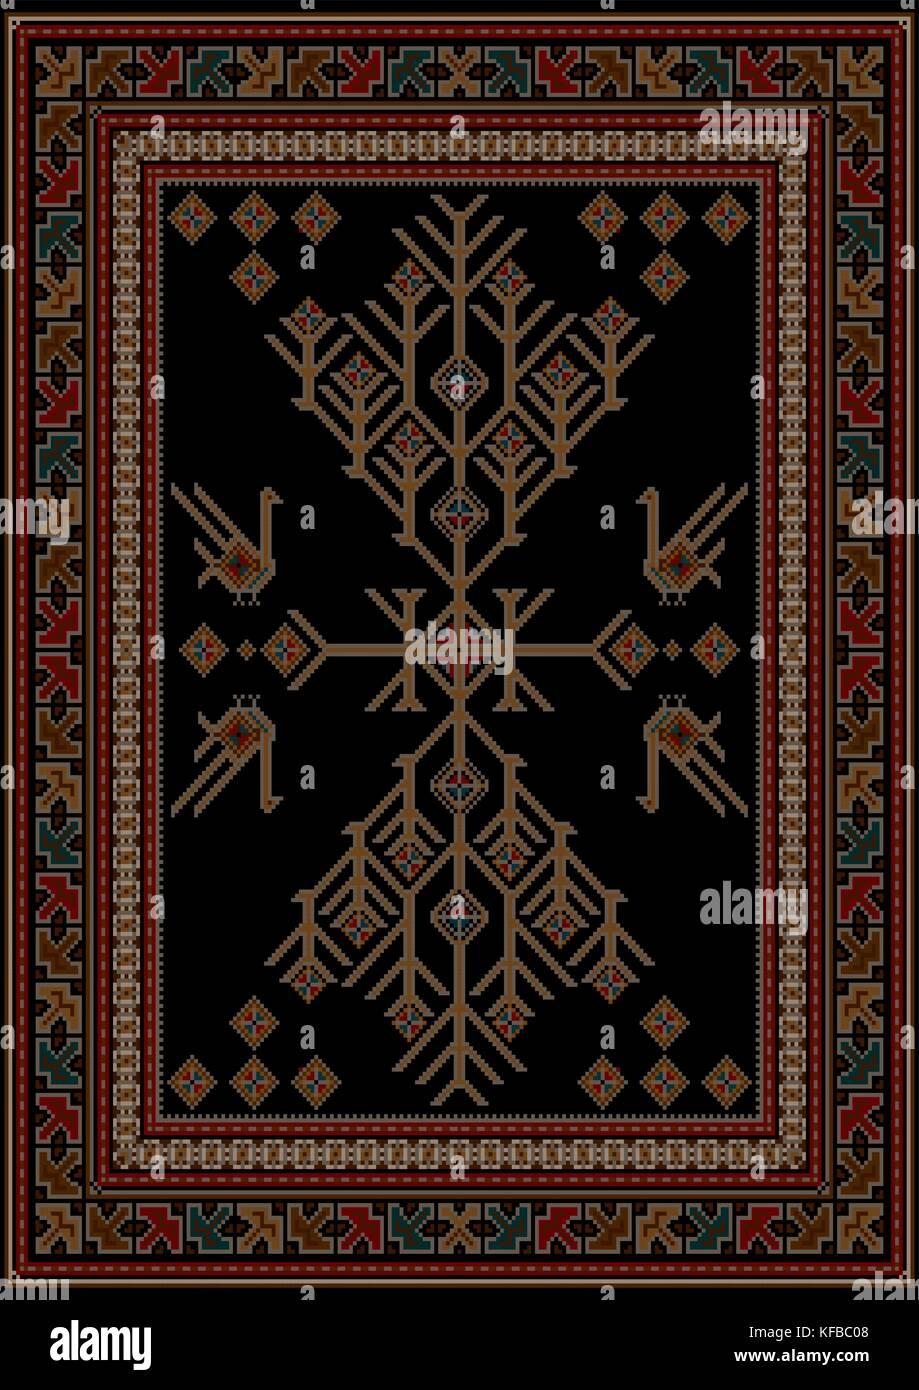 Luxus Teppich luxus teppich mit ethnischen gemusterten baum, und die vögel in der